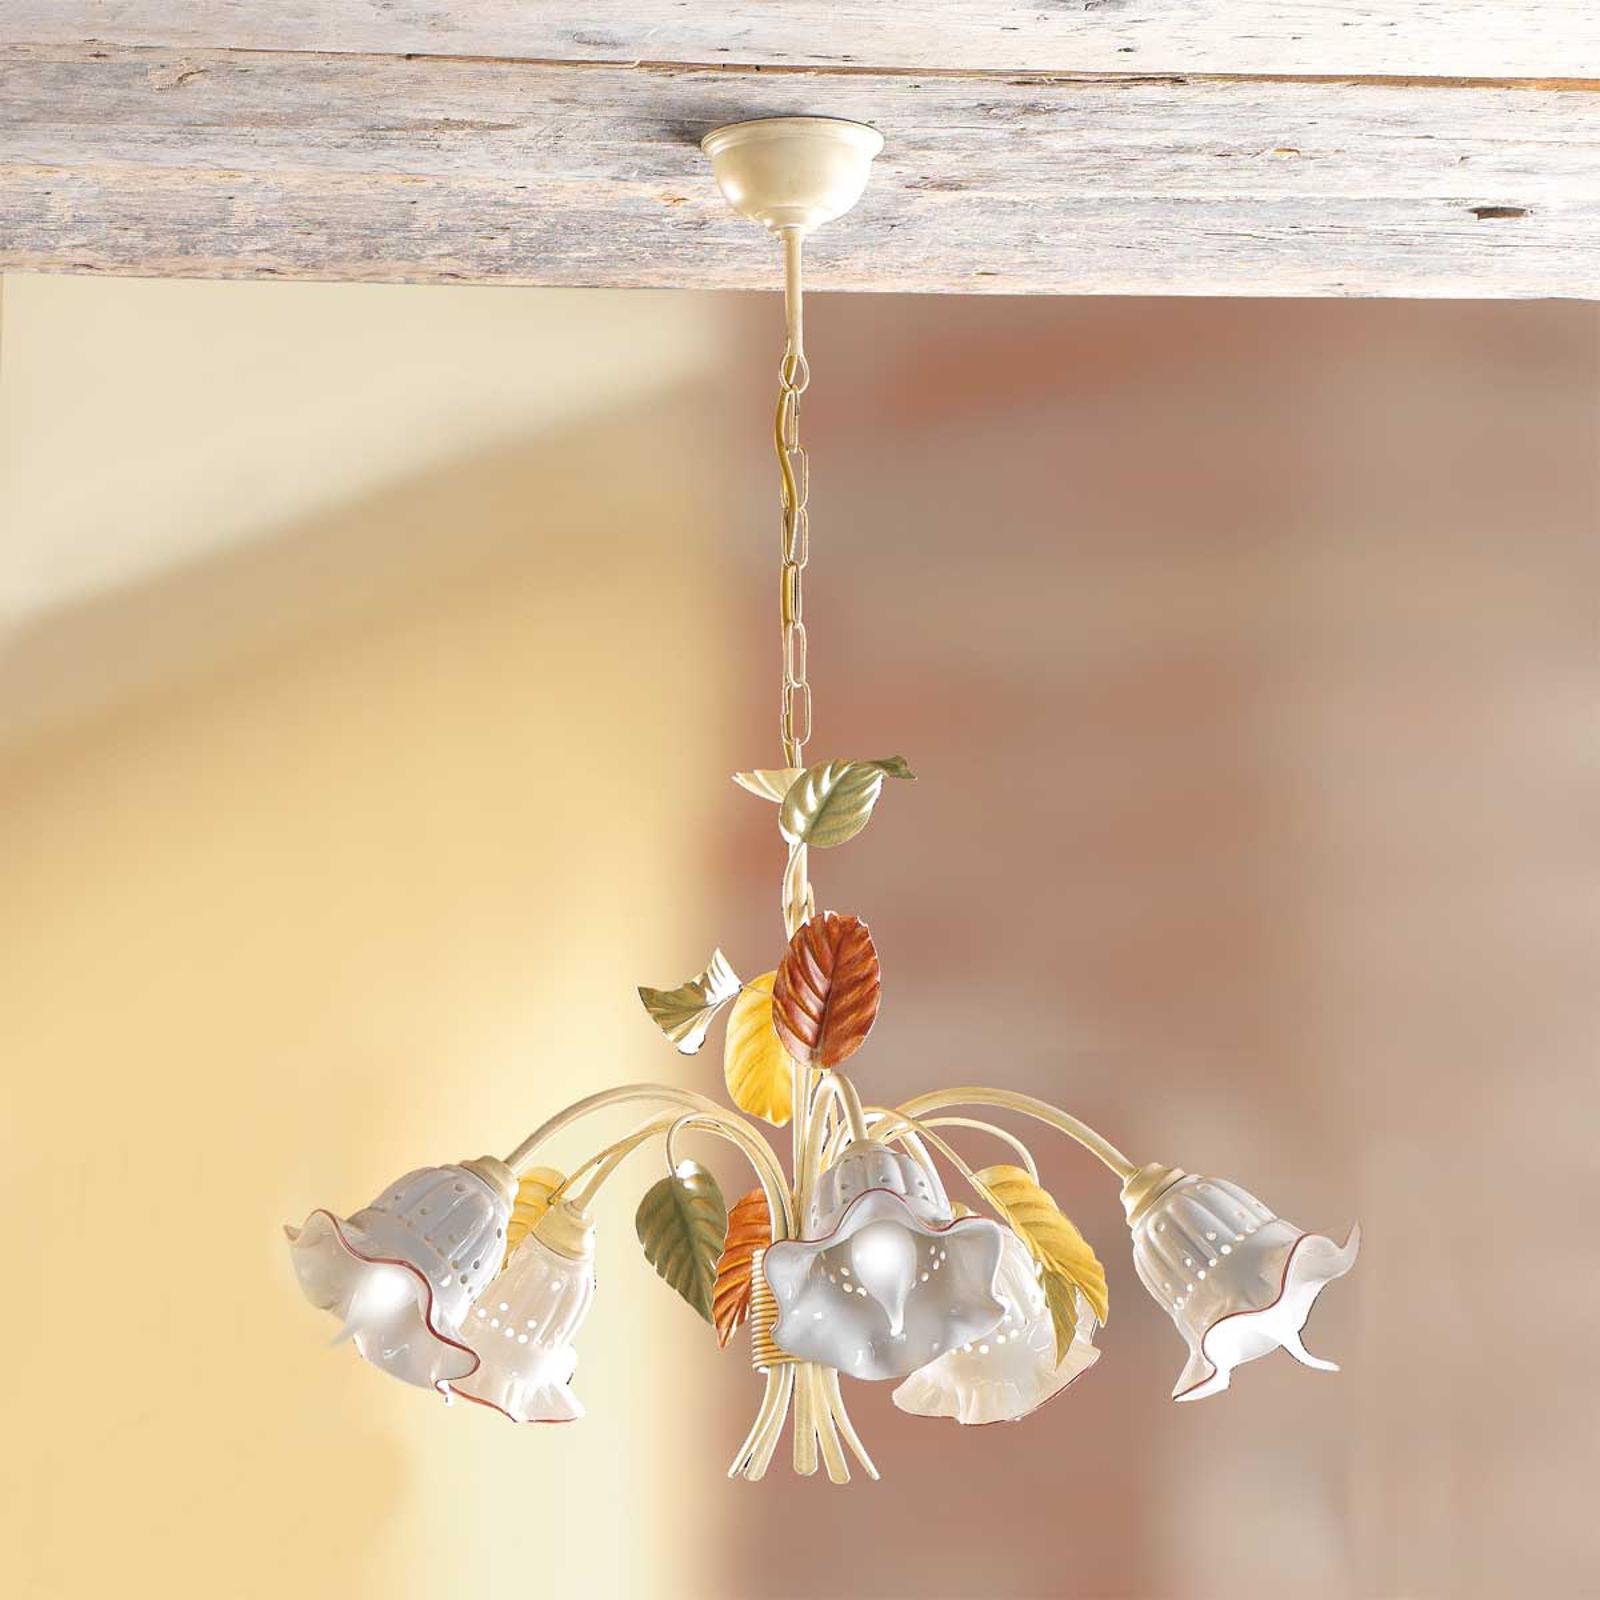 Hanglamp Flora in Florentijnse stijl, 5-lichts